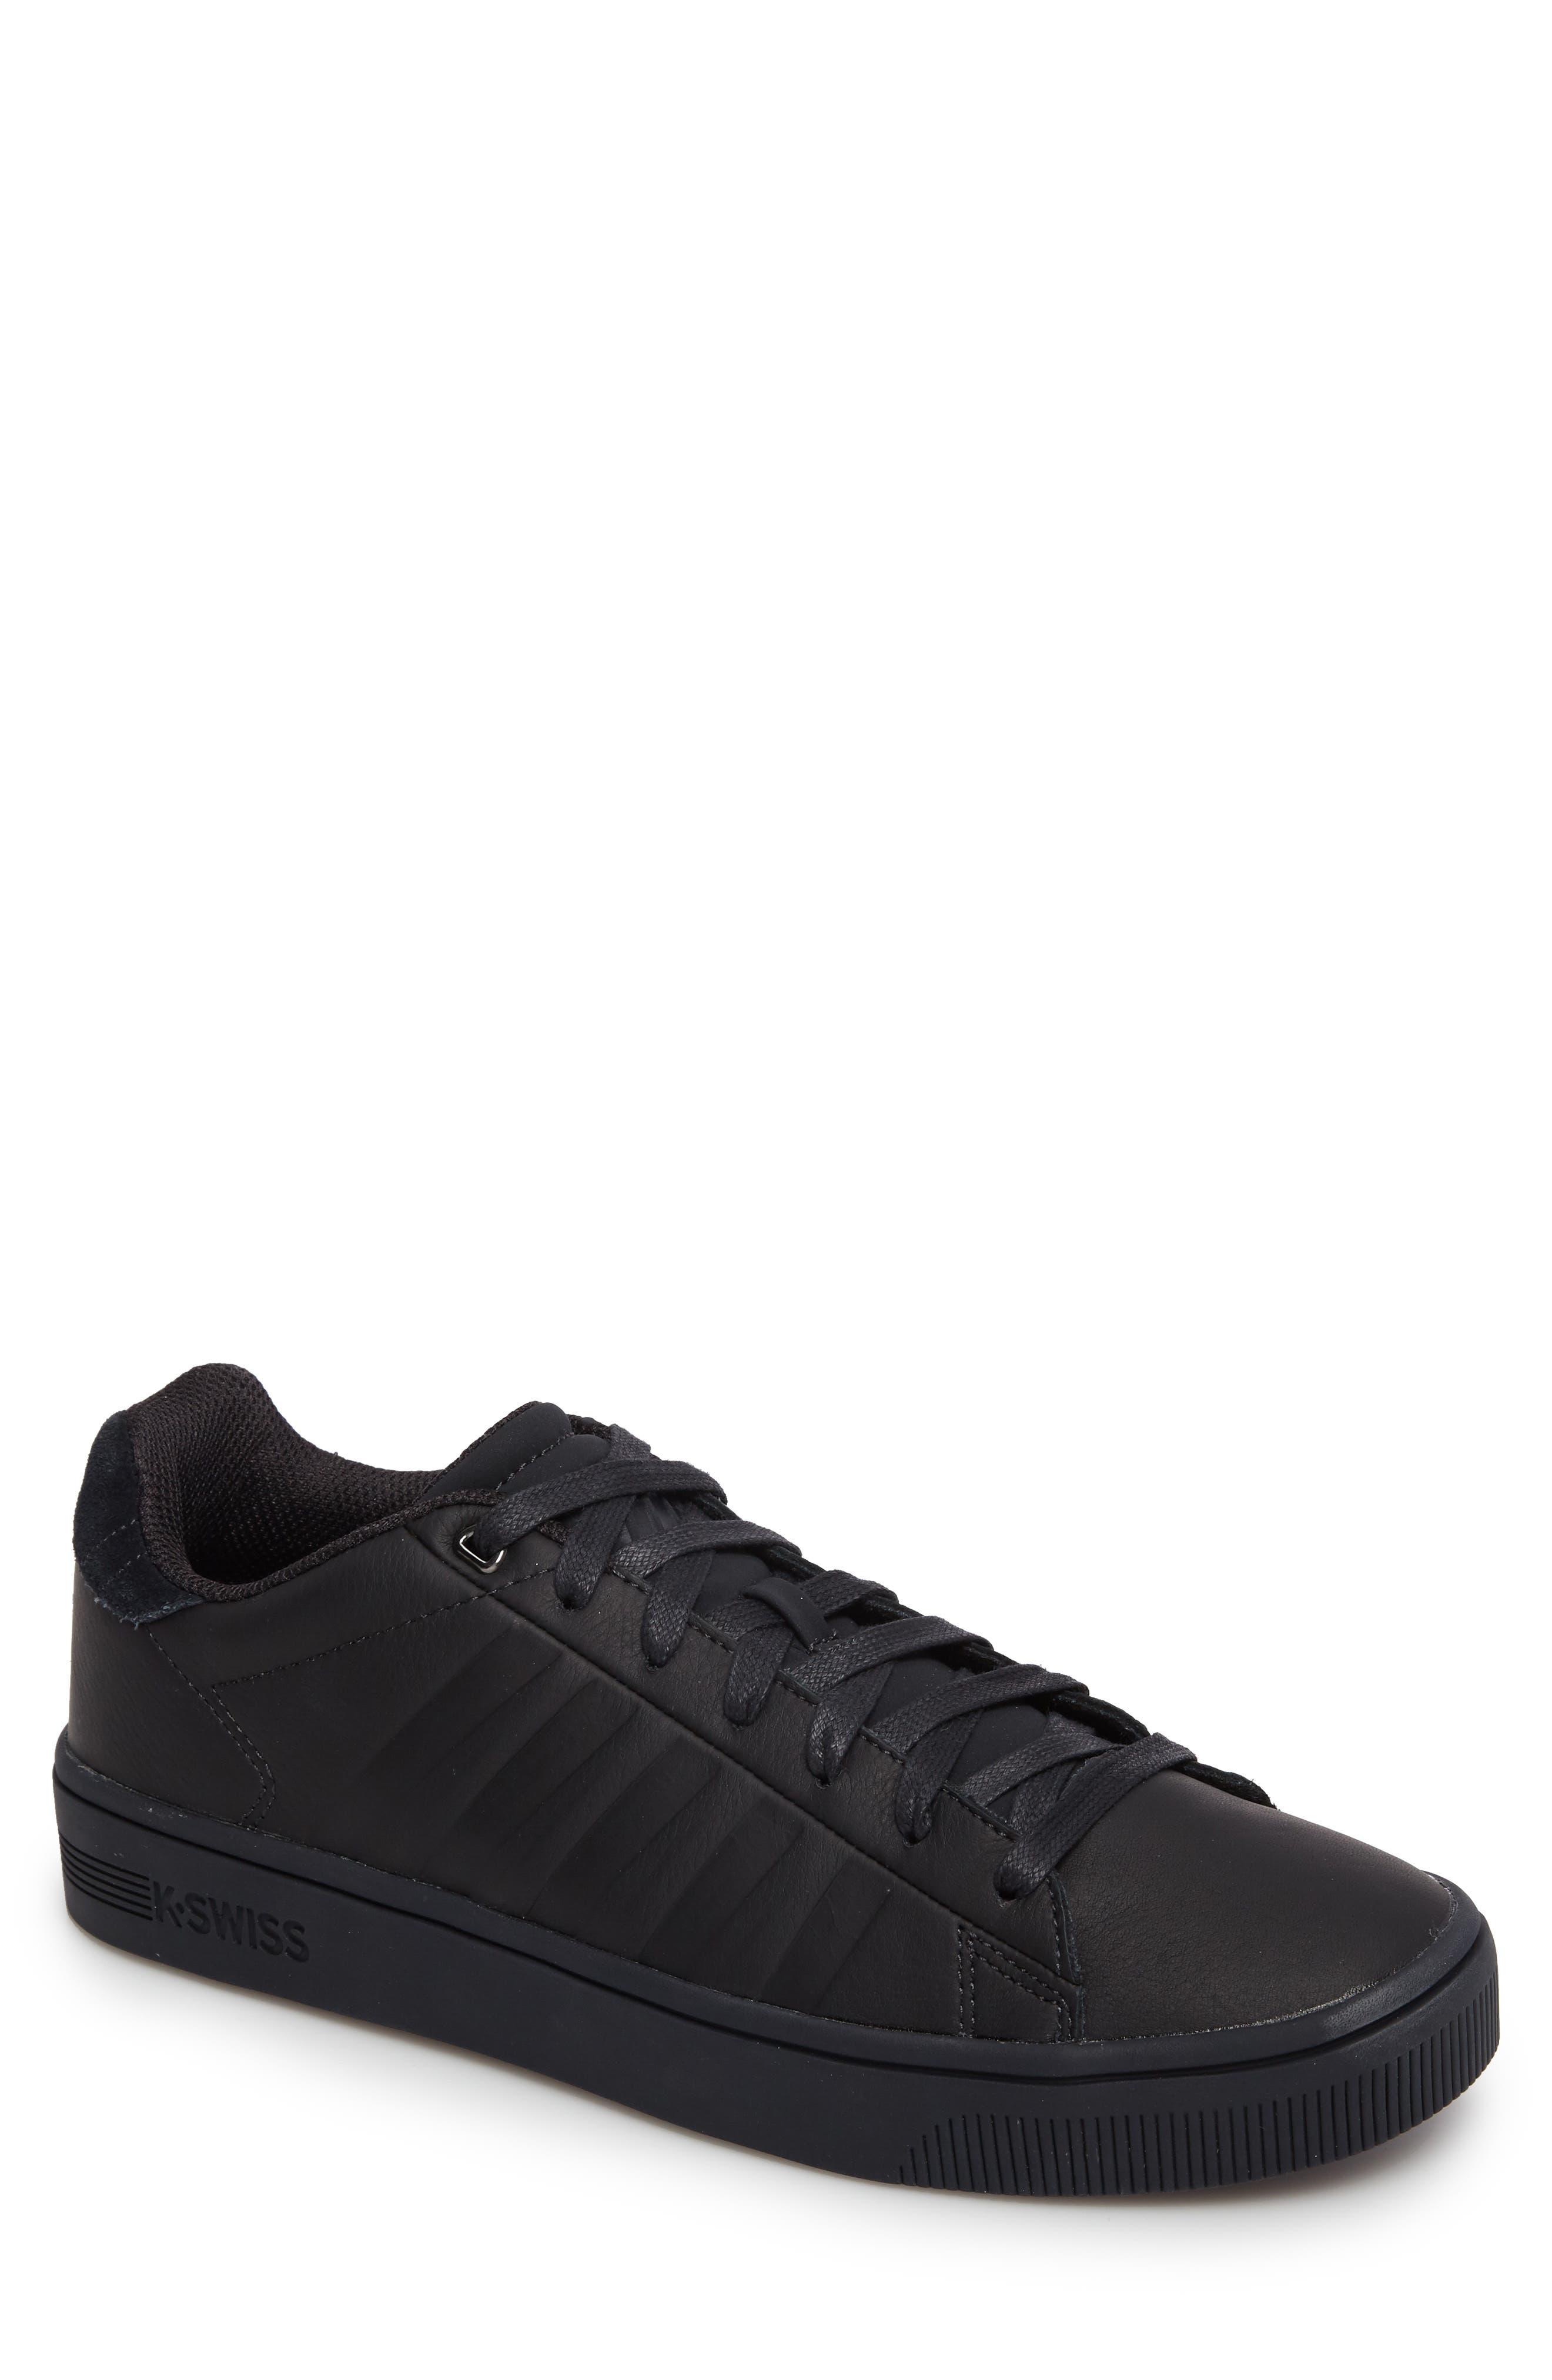 Court Frasco Sneaker,                             Main thumbnail 1, color,                             003